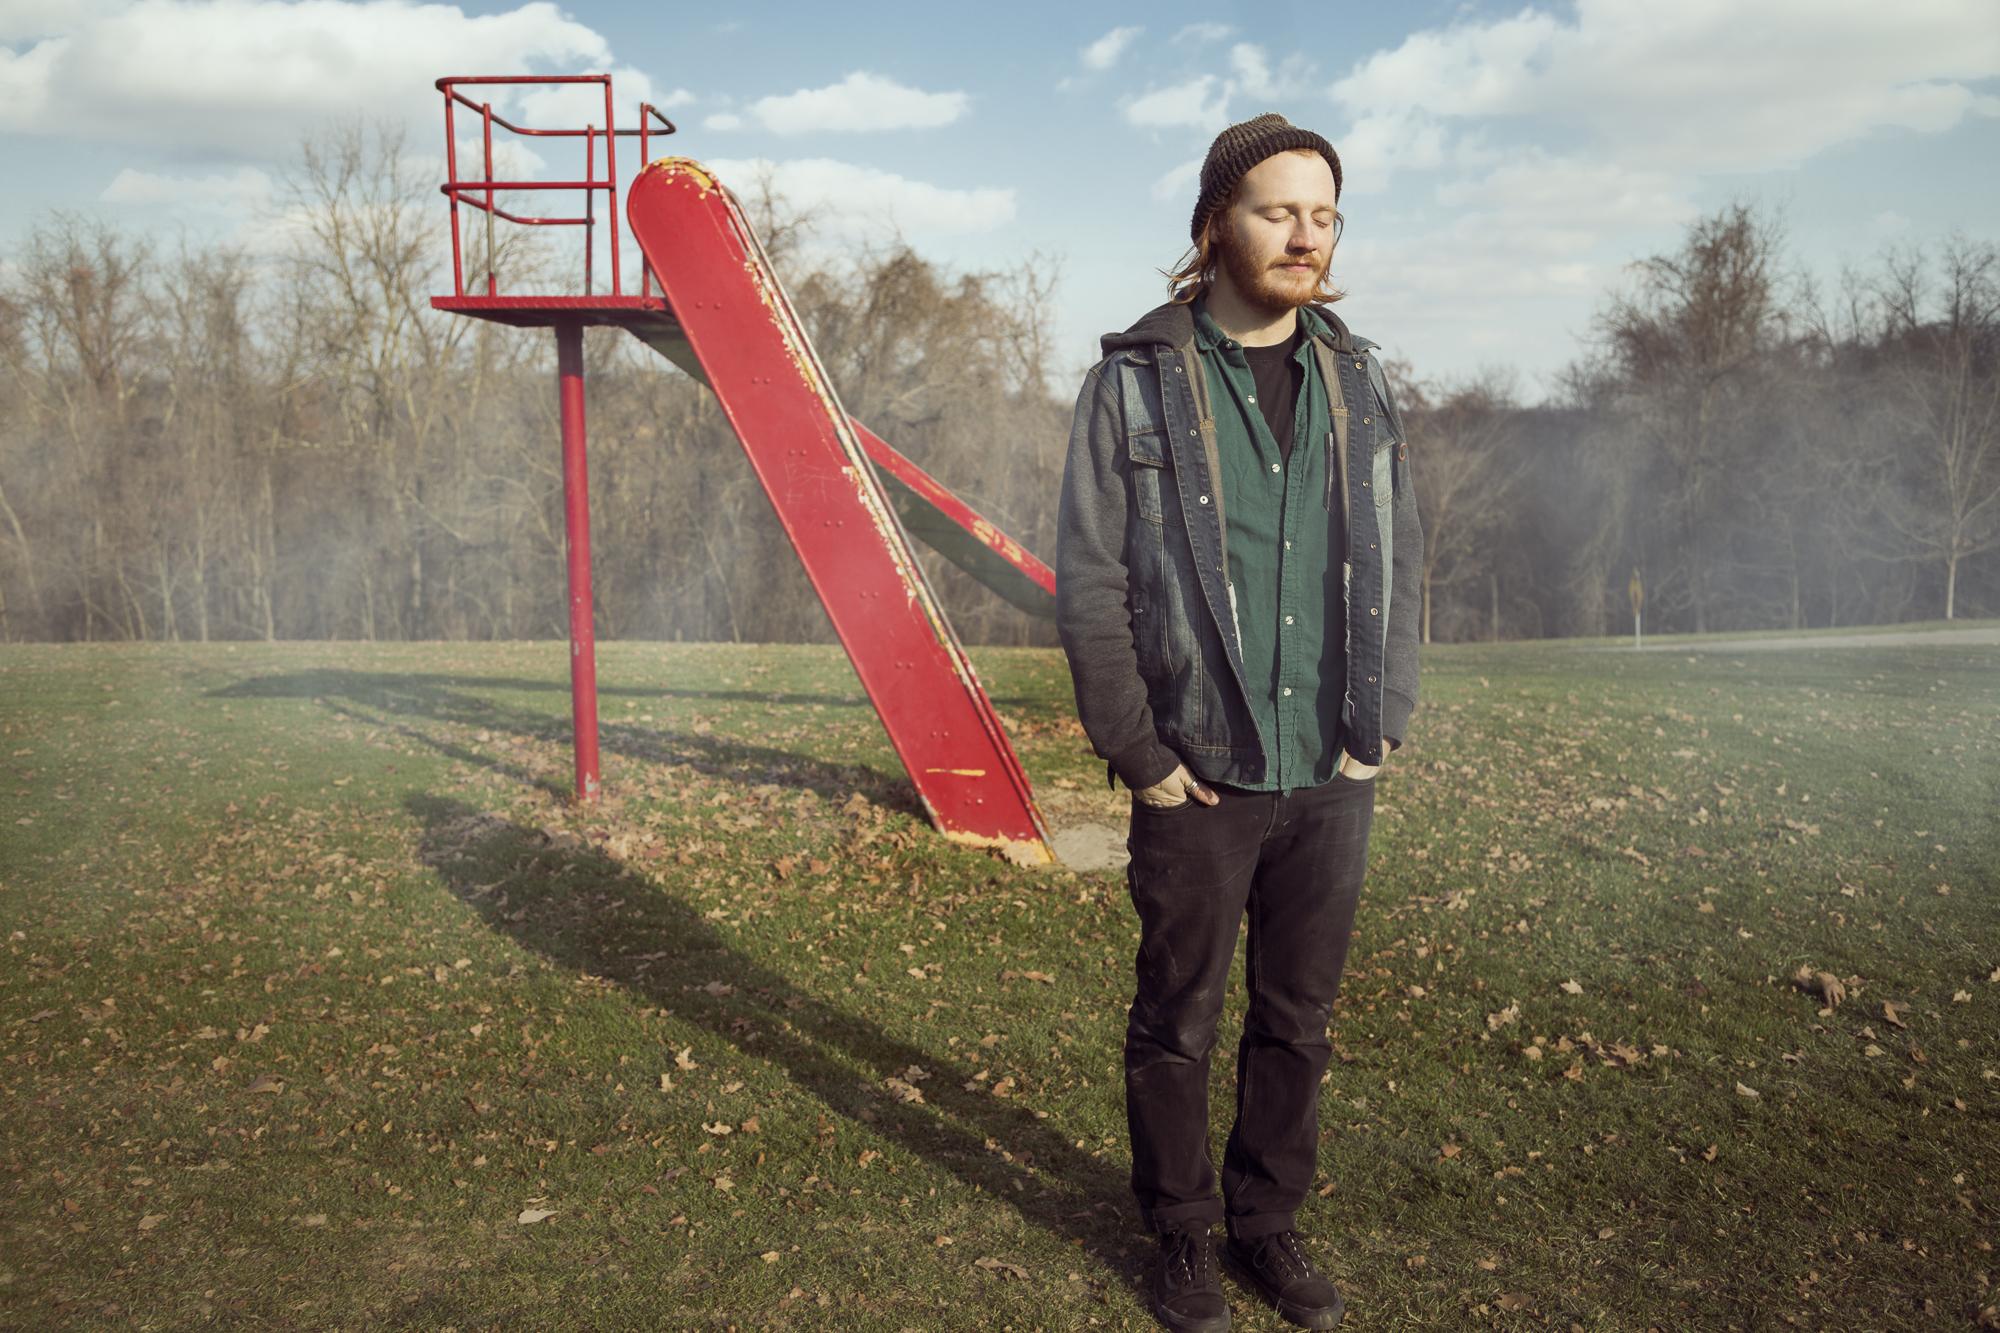 Emilio Luciano Rossi Vignali, Image 2